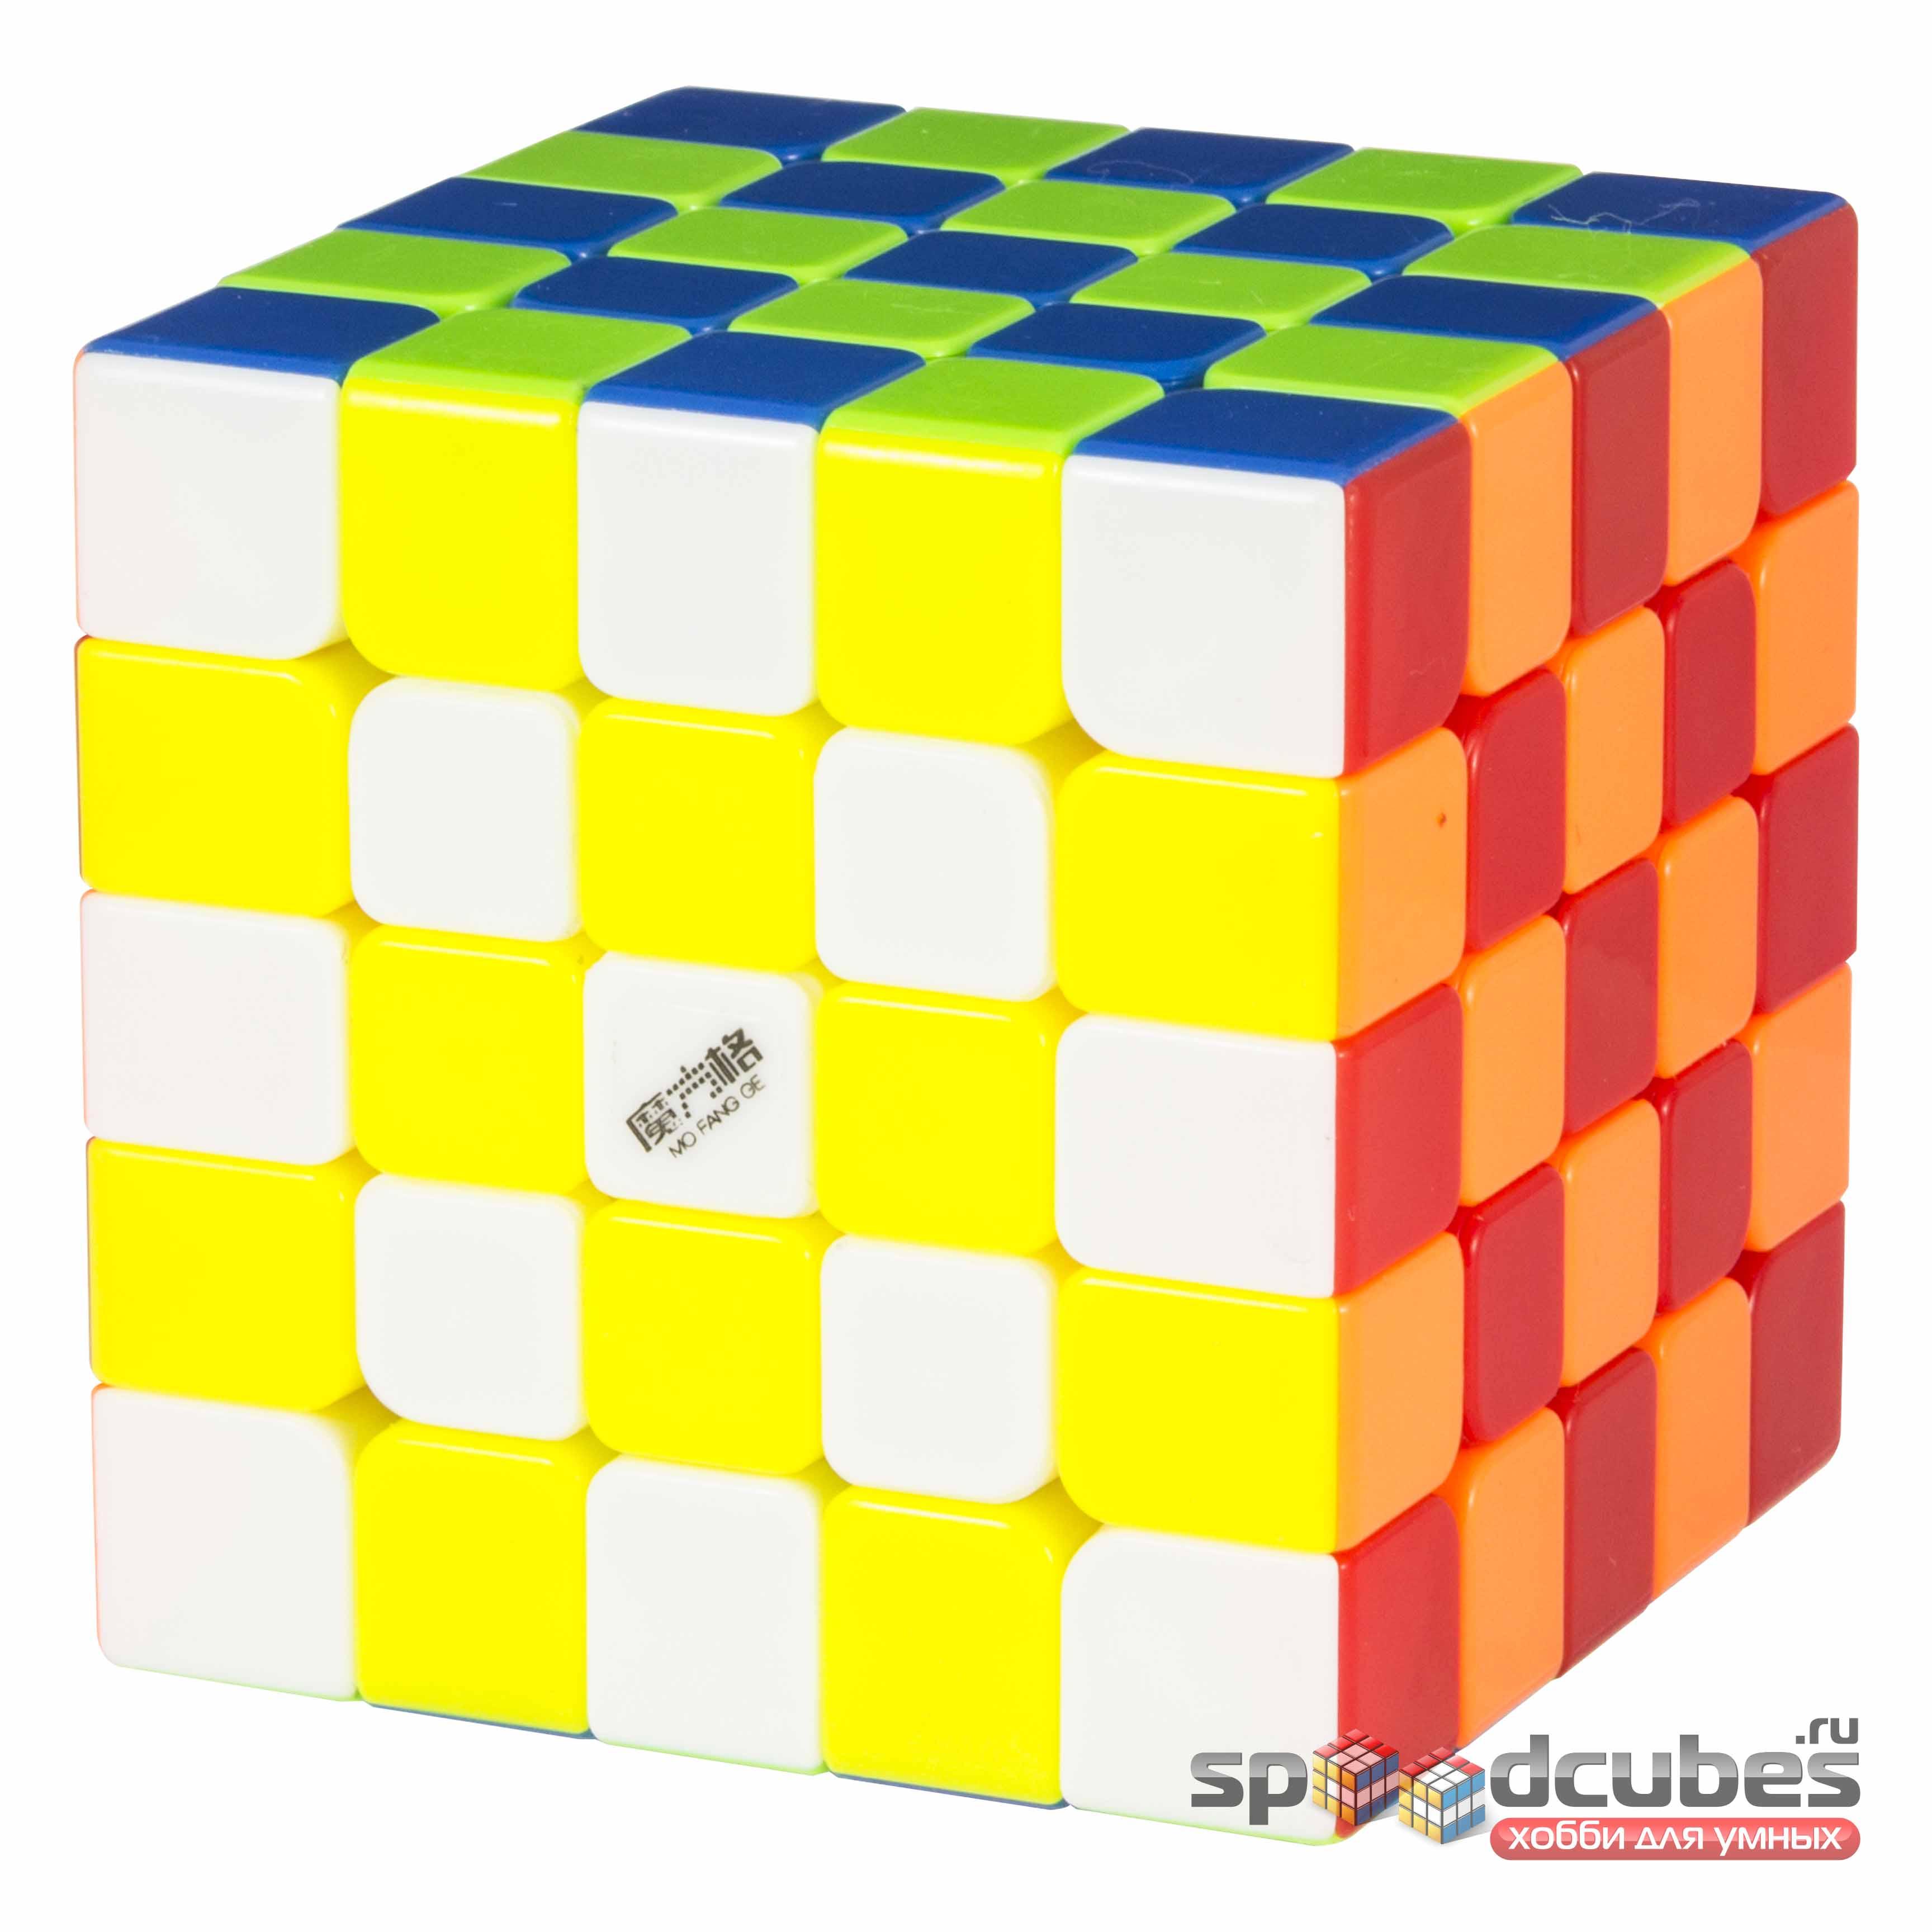 QiYi MoFangGe 5x5x5 WuShuang Color 3